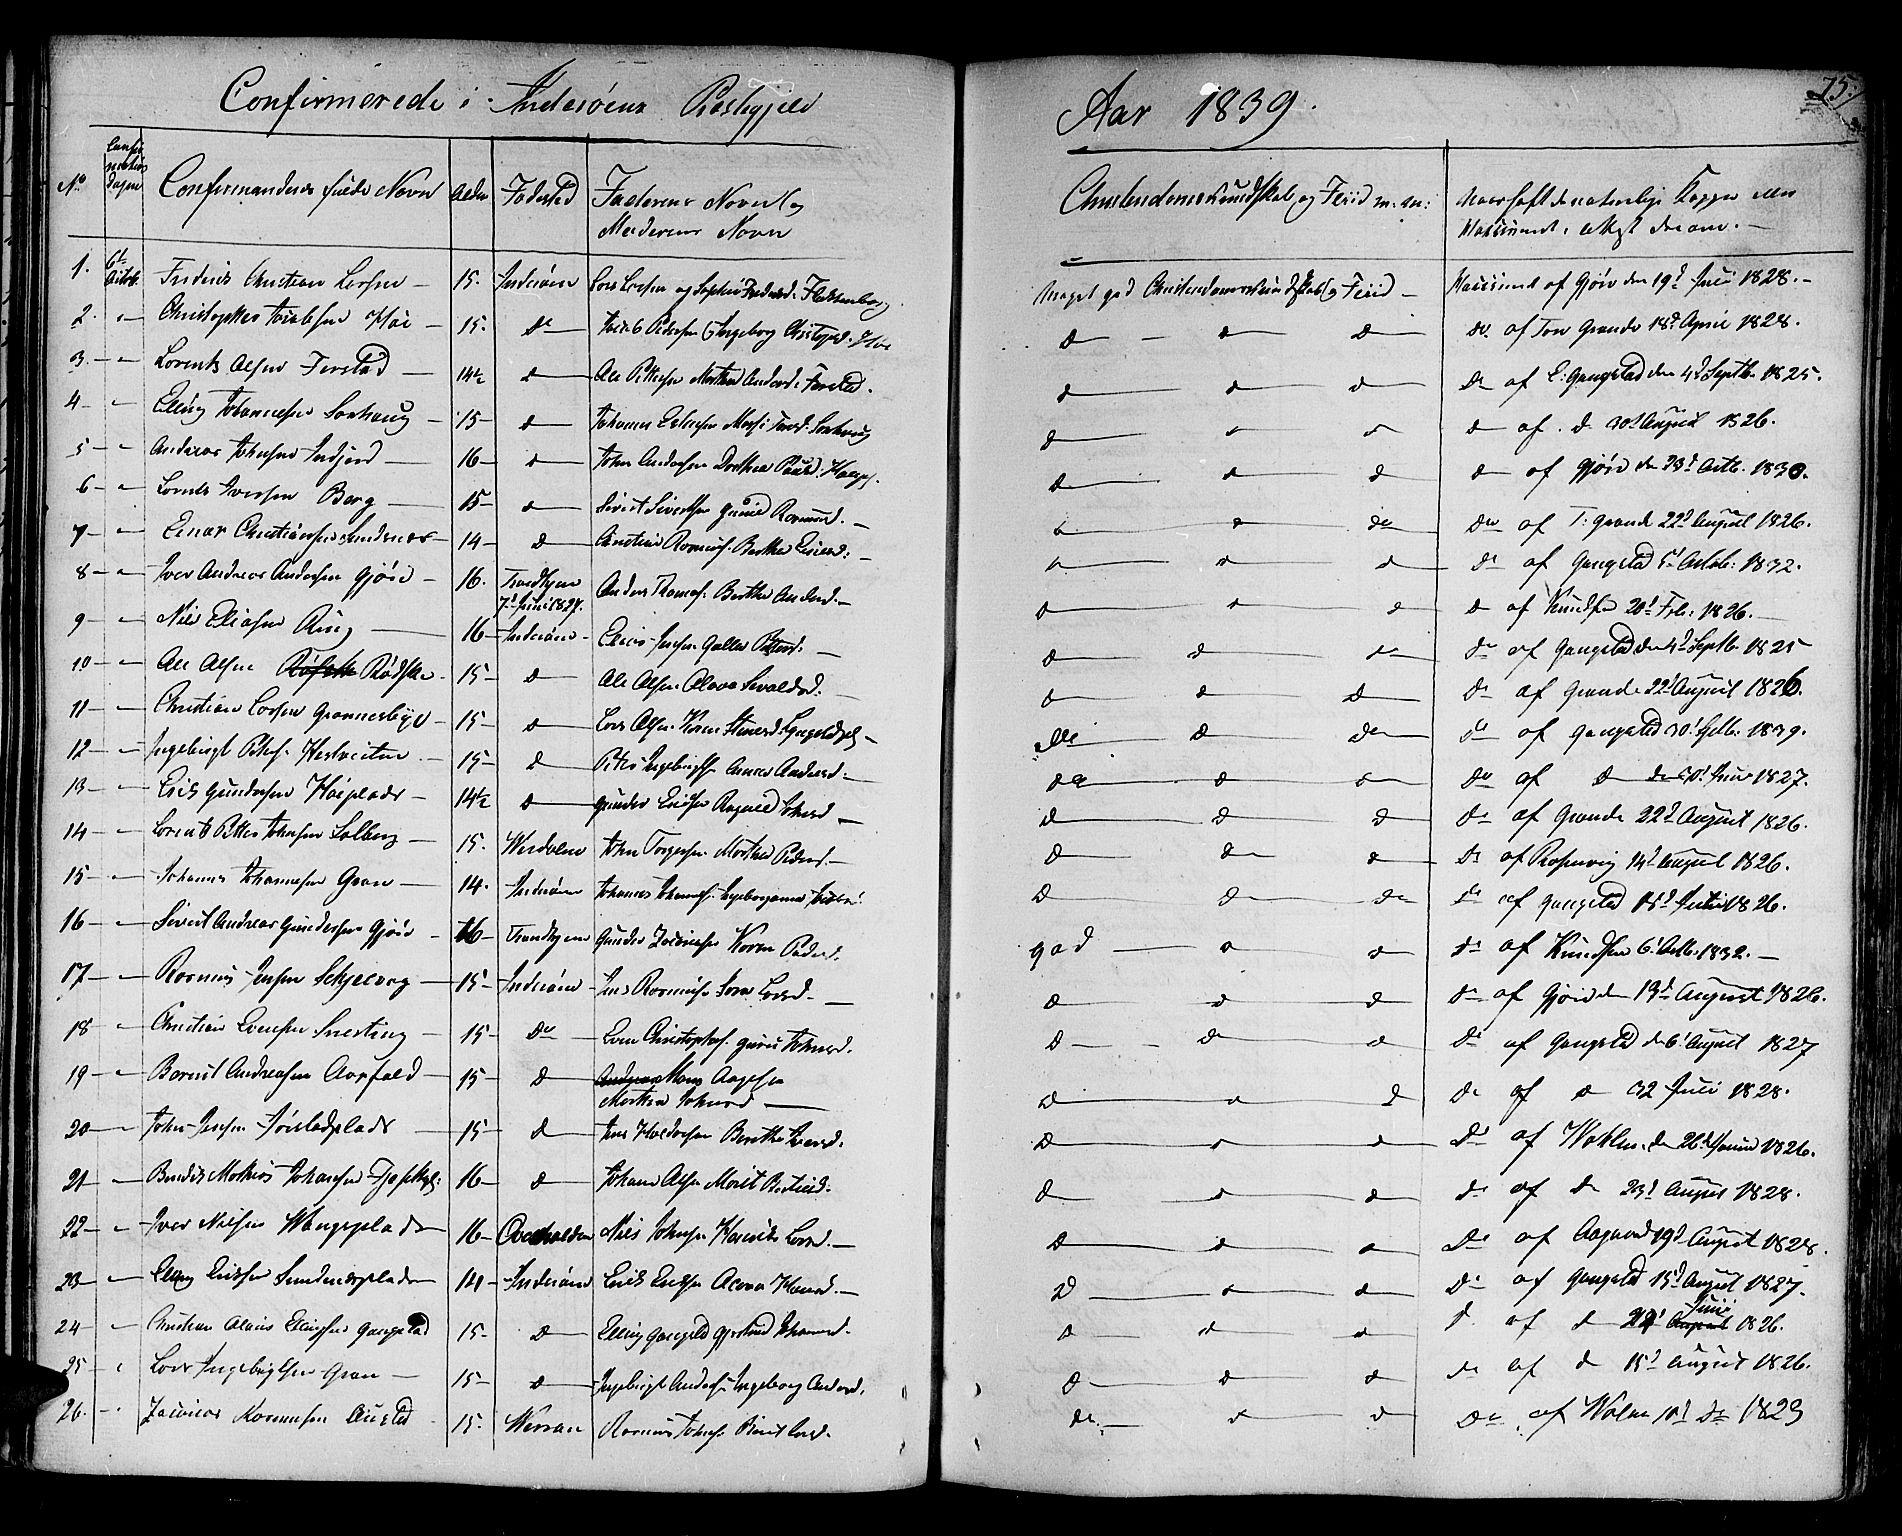 SAT, Ministerialprotokoller, klokkerbøker og fødselsregistre - Nord-Trøndelag, 730/L0277: Ministerialbok nr. 730A06 /1, 1830-1839, s. 75